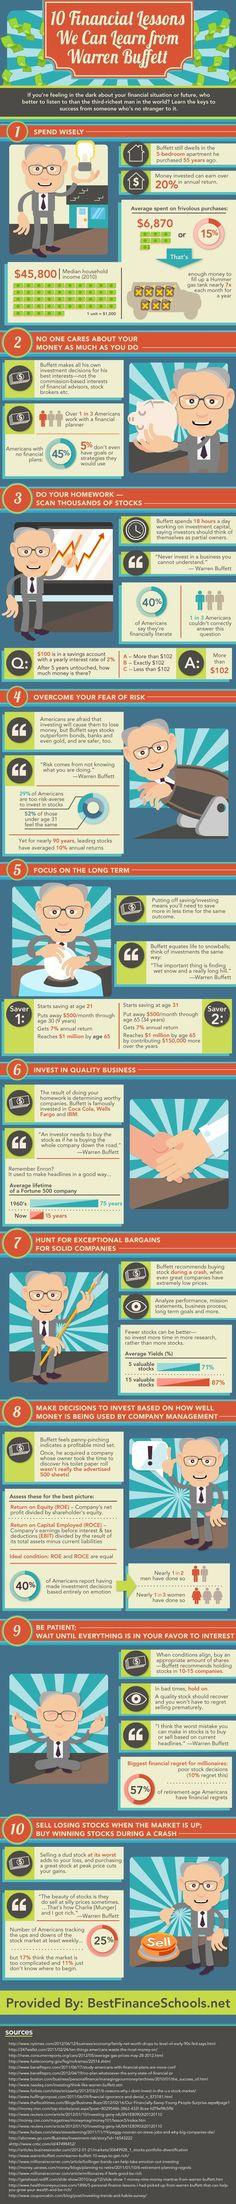 10 Financial Lessons From Warren Buffet money business stock life tips infographic wealth finance infograph savings infographics money tips budget warren buffet stocks